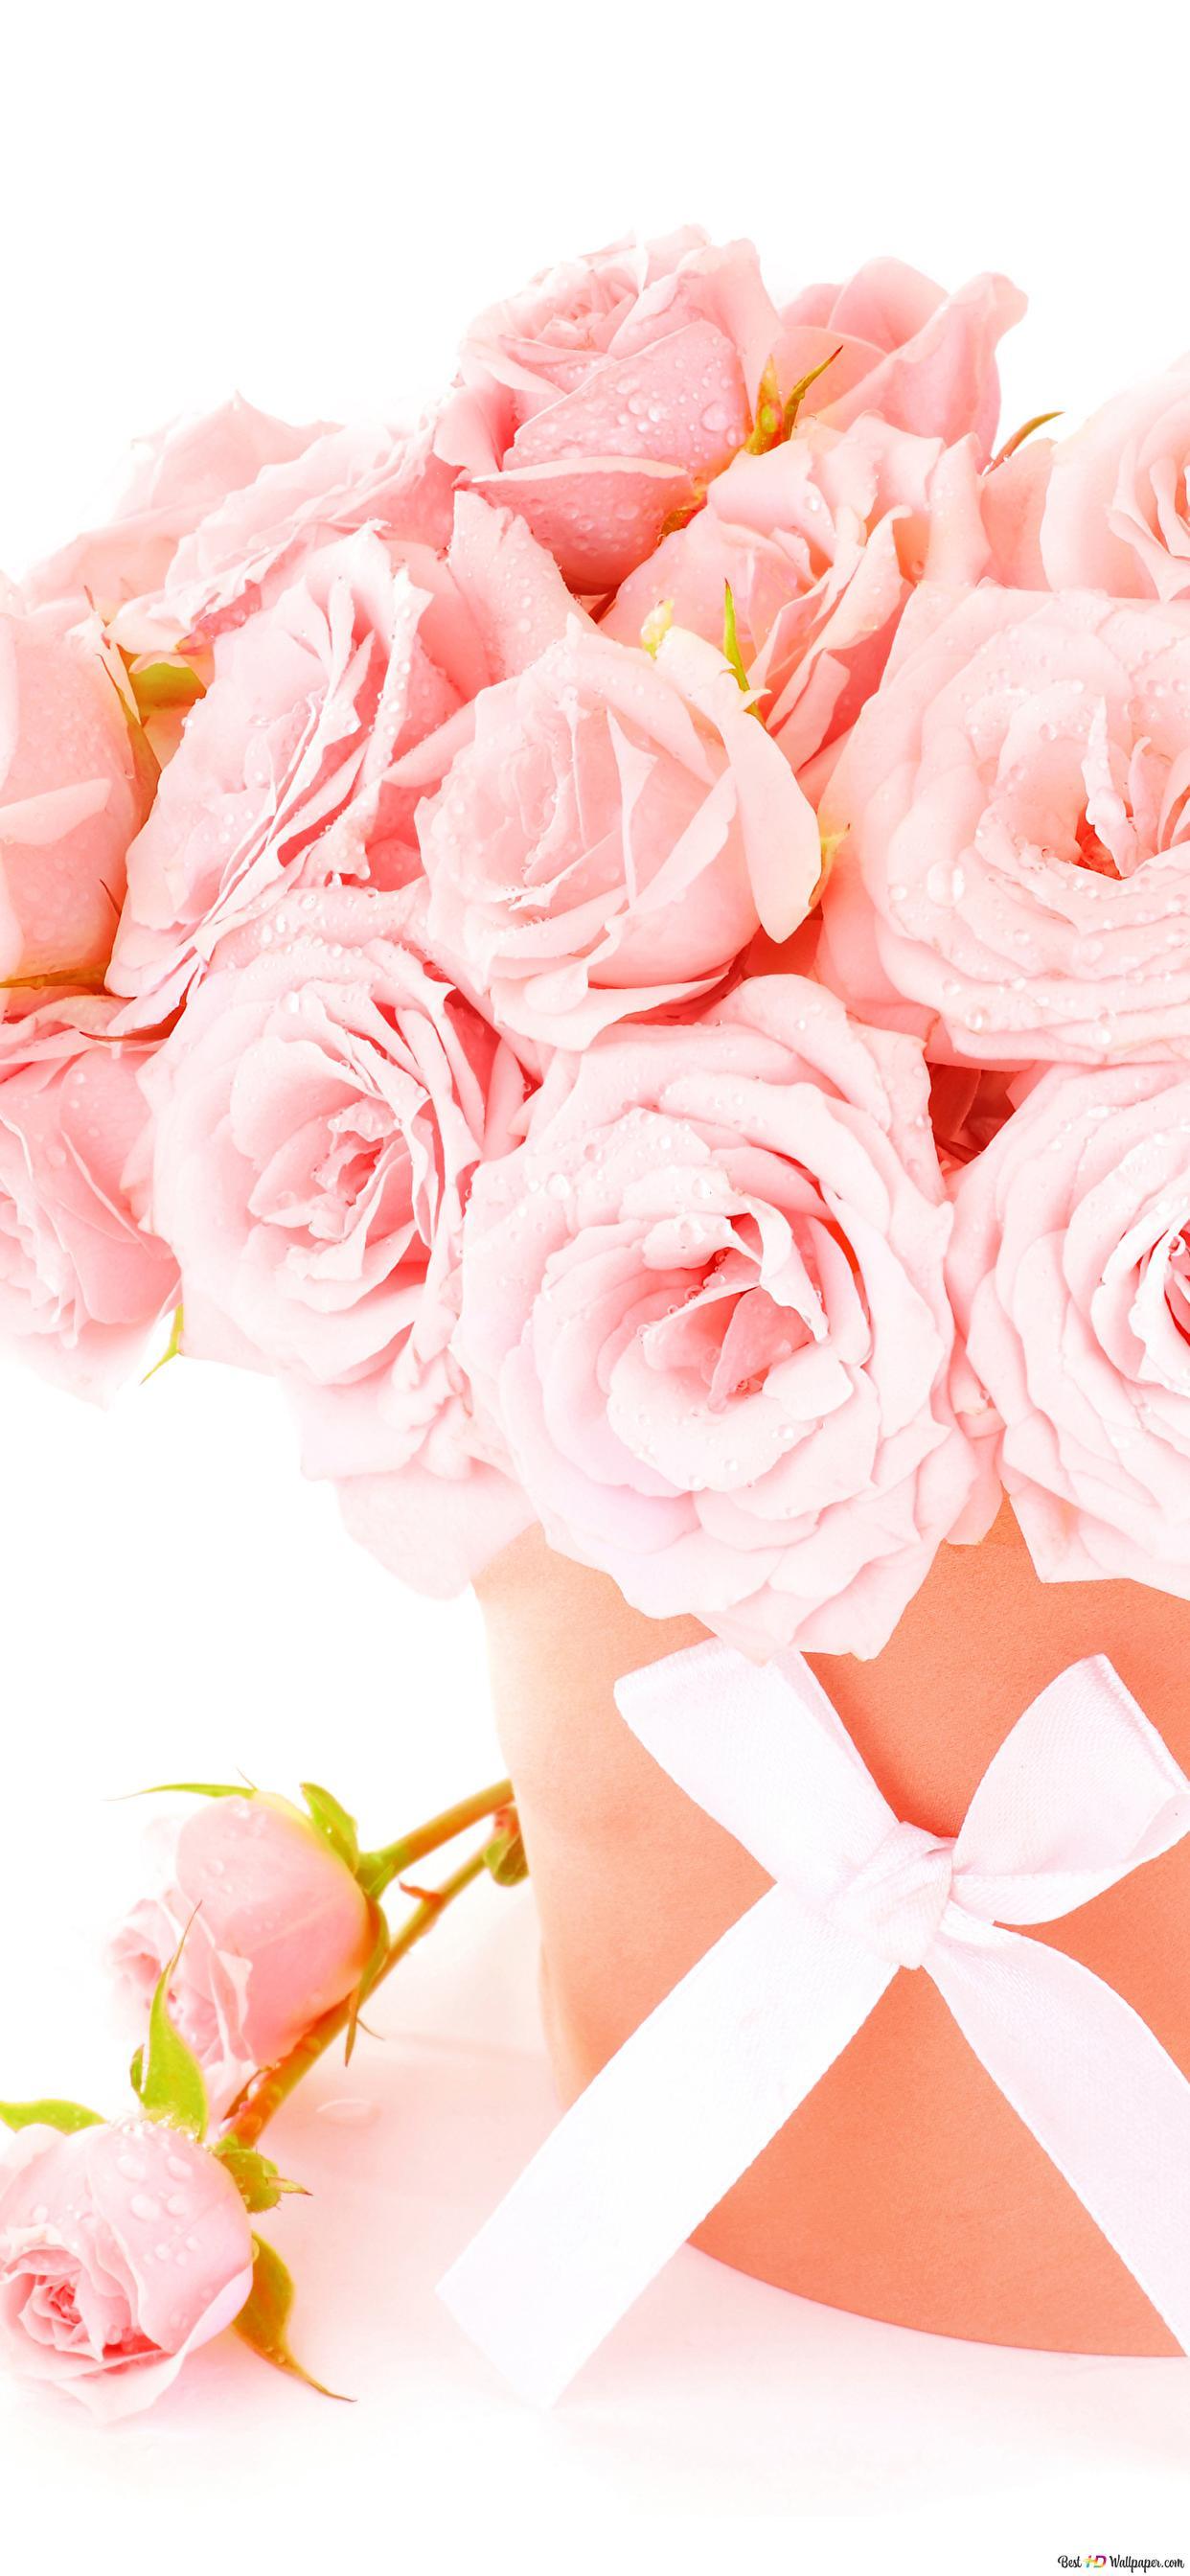 San Valentino Morbido Rose Rosa Decorazione Download Di Sfondi Hd